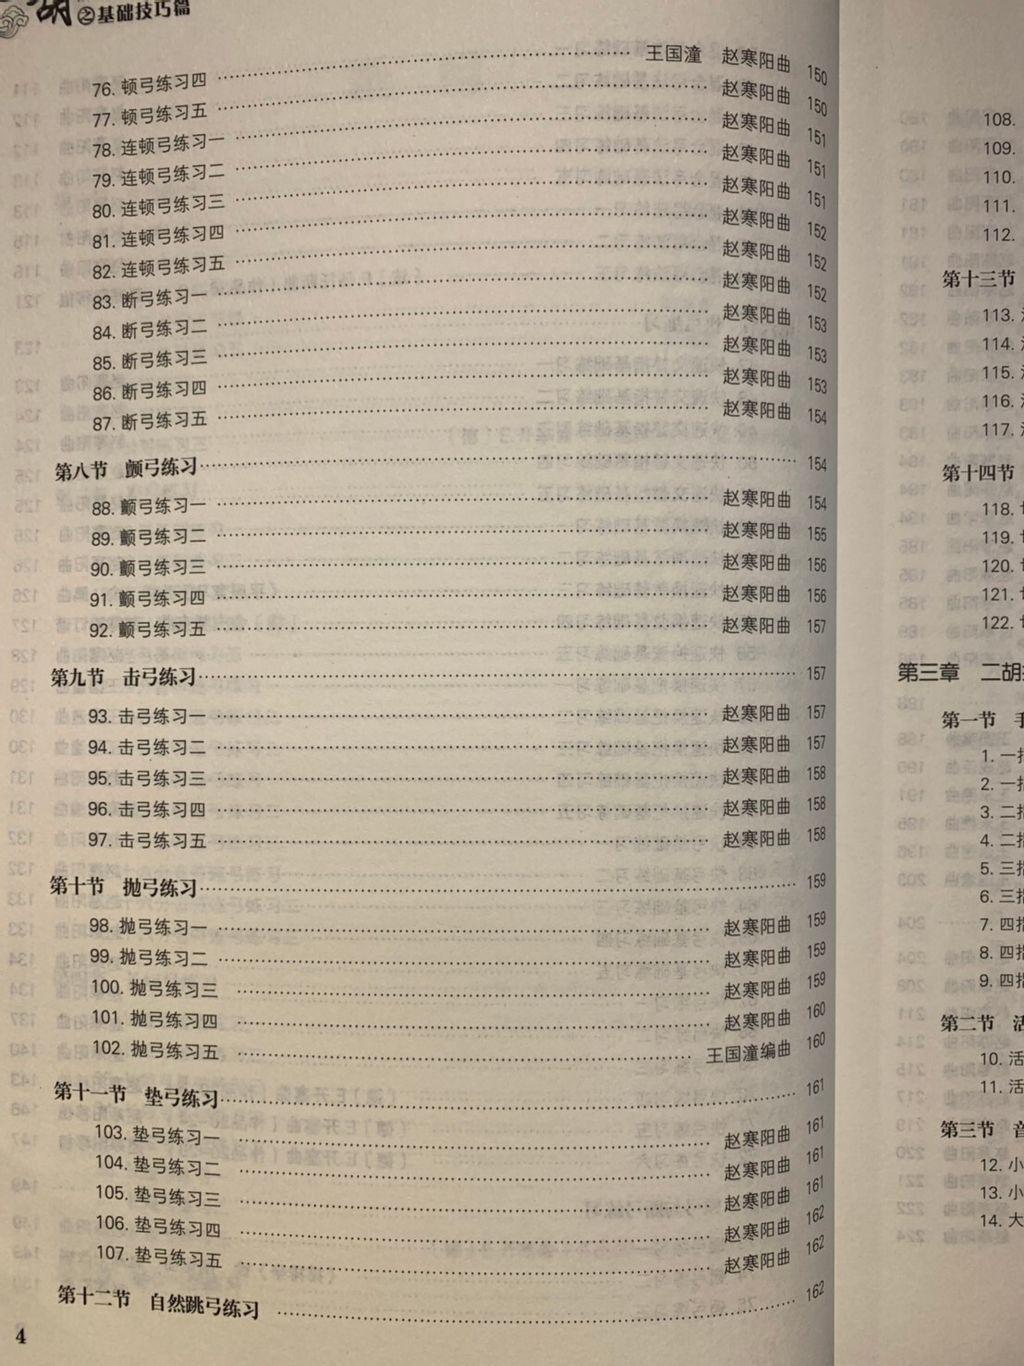 2B597EA8-198A-47A1-AB41-1605F4DB81E4.jpeg